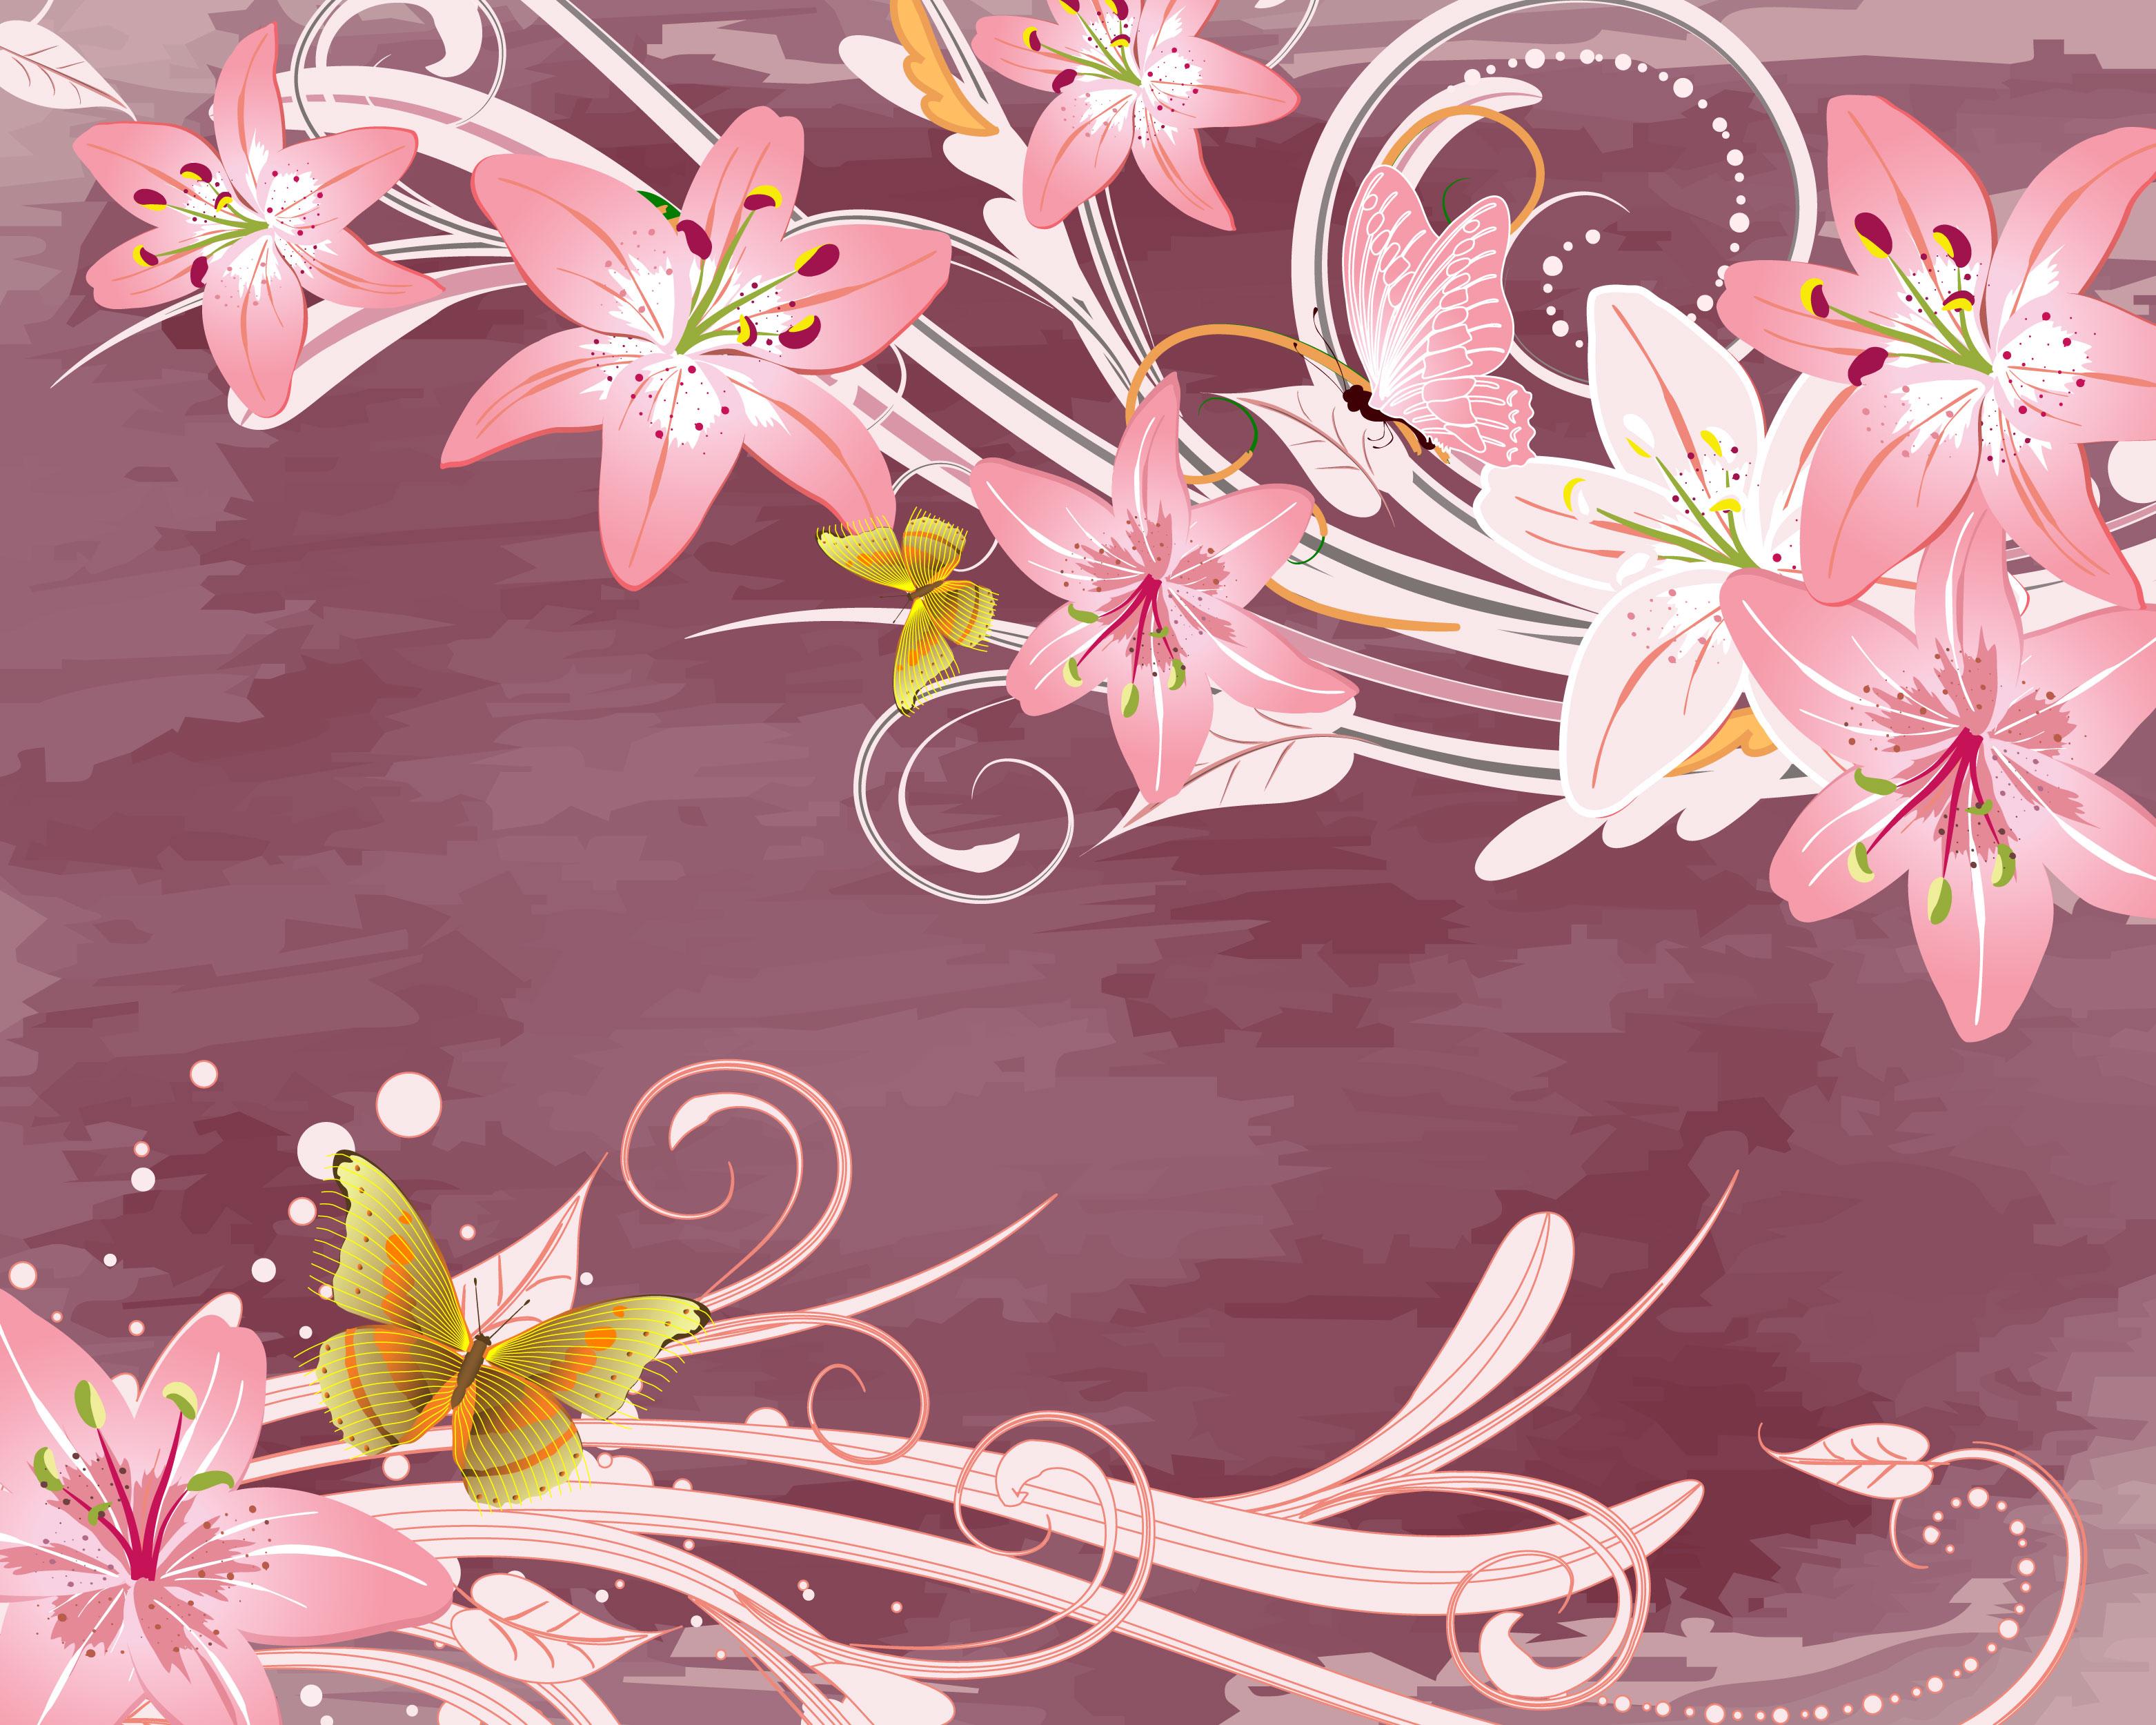 花のイラスト・画像・写真集『ユリ』